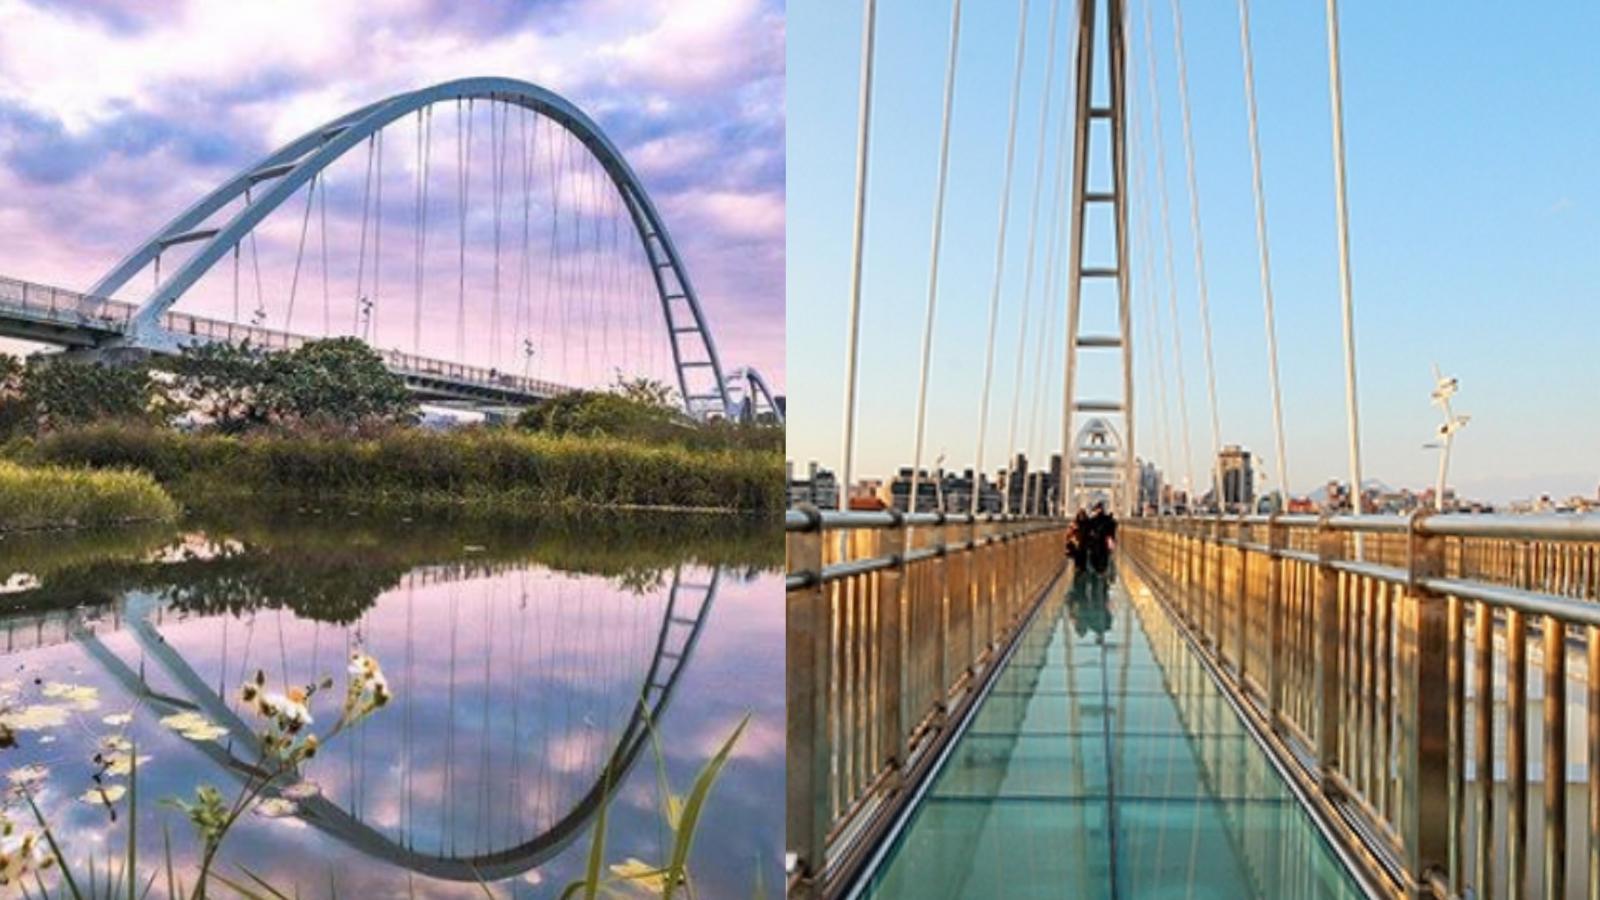 新北市最大的行人與自行車專用陸橋,不對稱雙拱造型,優雅宛如雙新月,入夜後的燈光點綴彷彿彩色弦月,景色迷人!